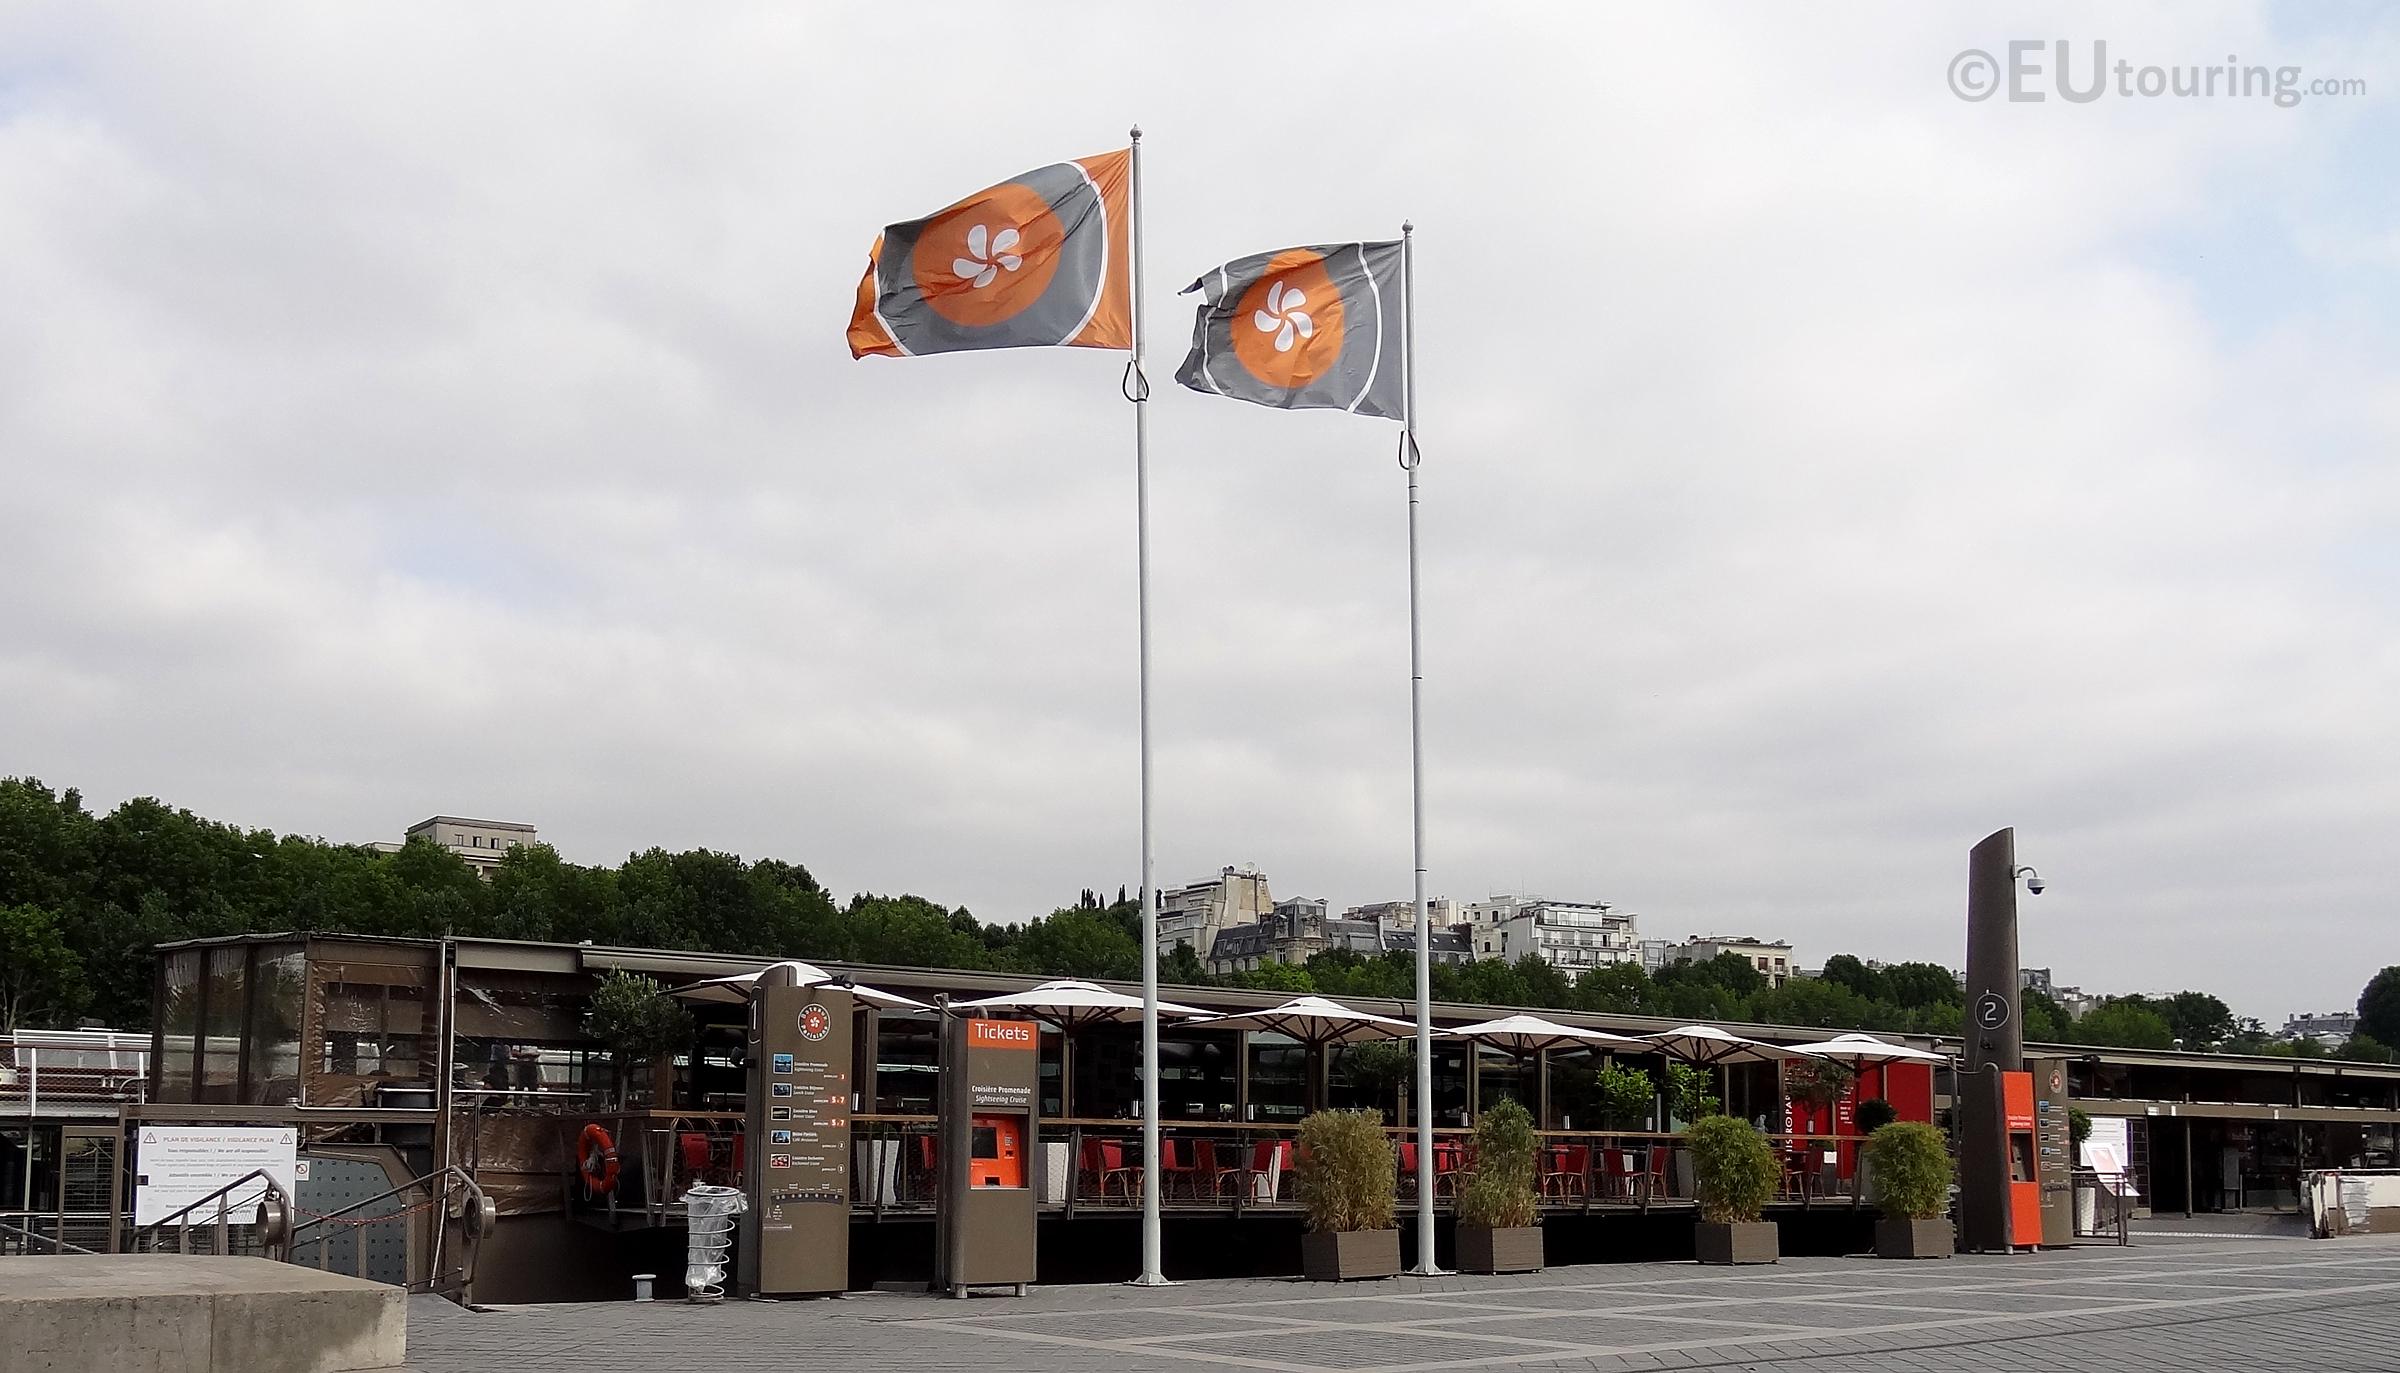 Bateaux Parisiens floating restaurant